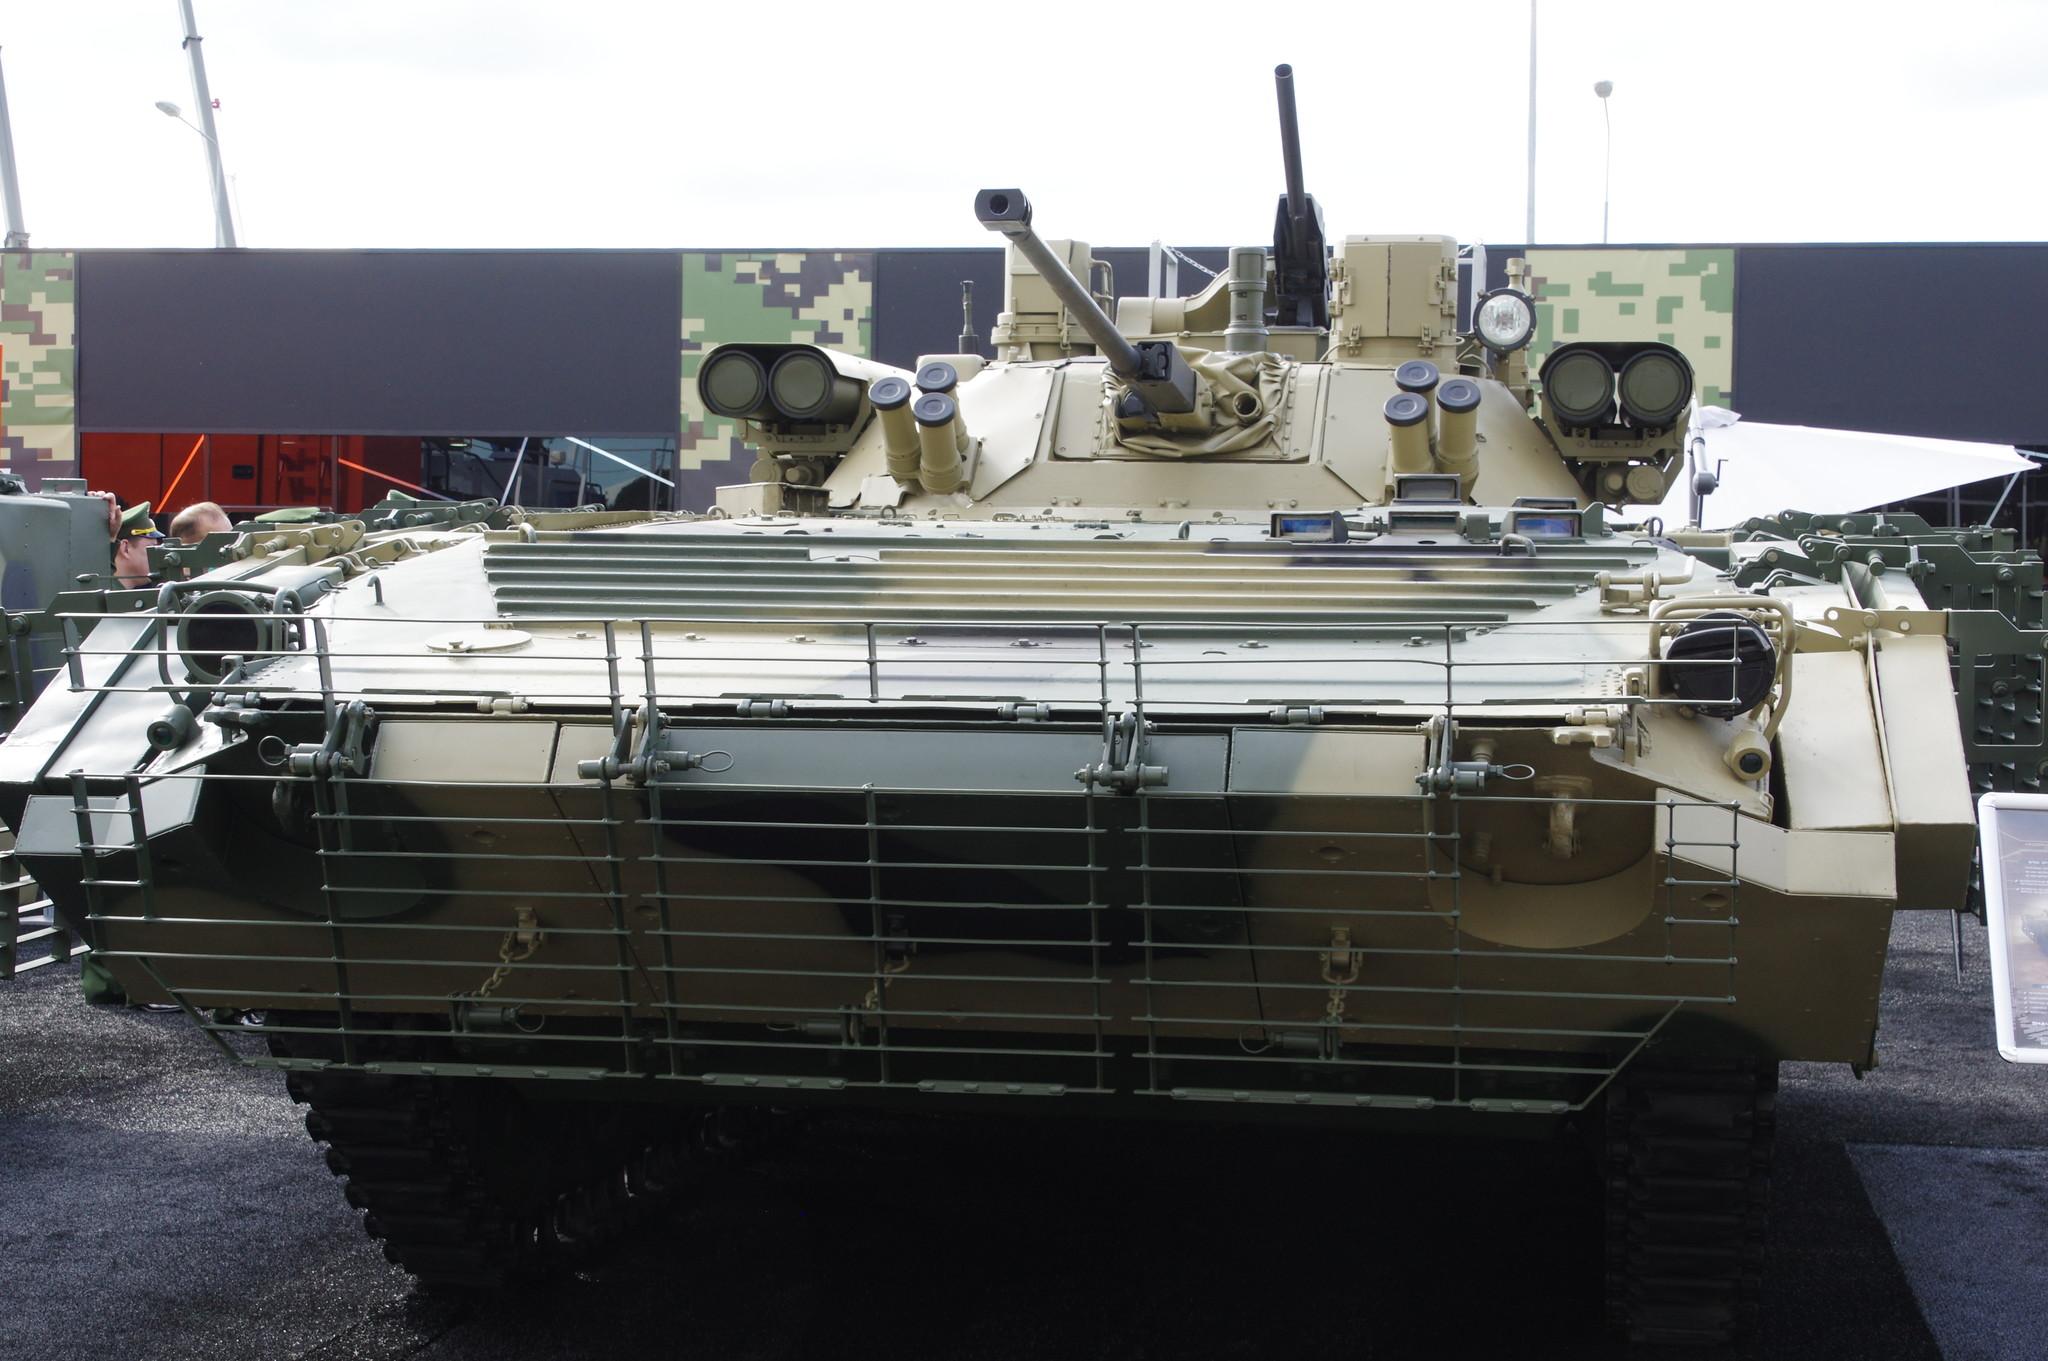 Модернизированная боевая машина пехоты БМП-2М с боевым отделением «Бережок»